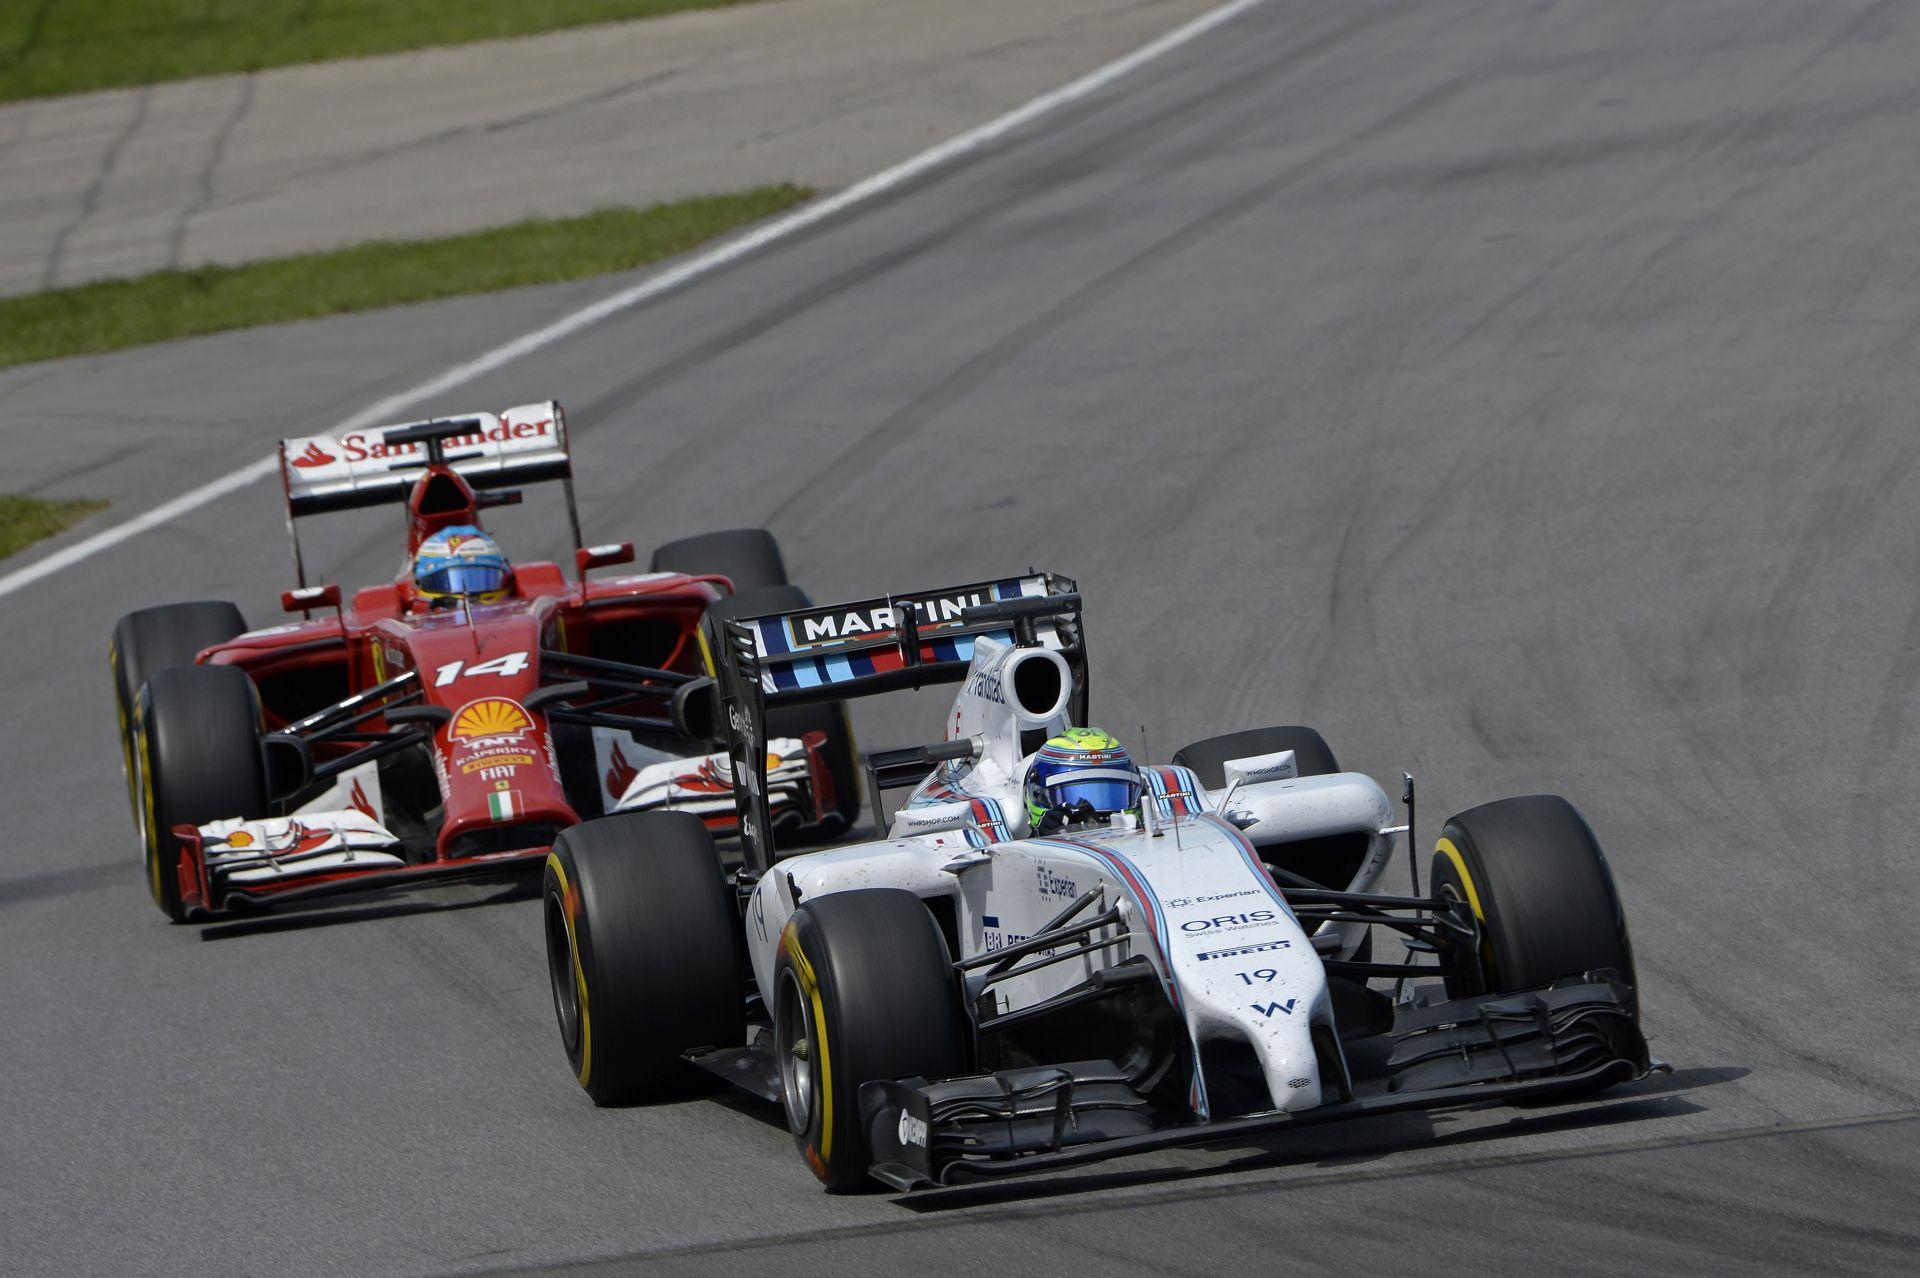 A Williams soha nem fog Ferrari motorokat használni: Szentségtörés lenne